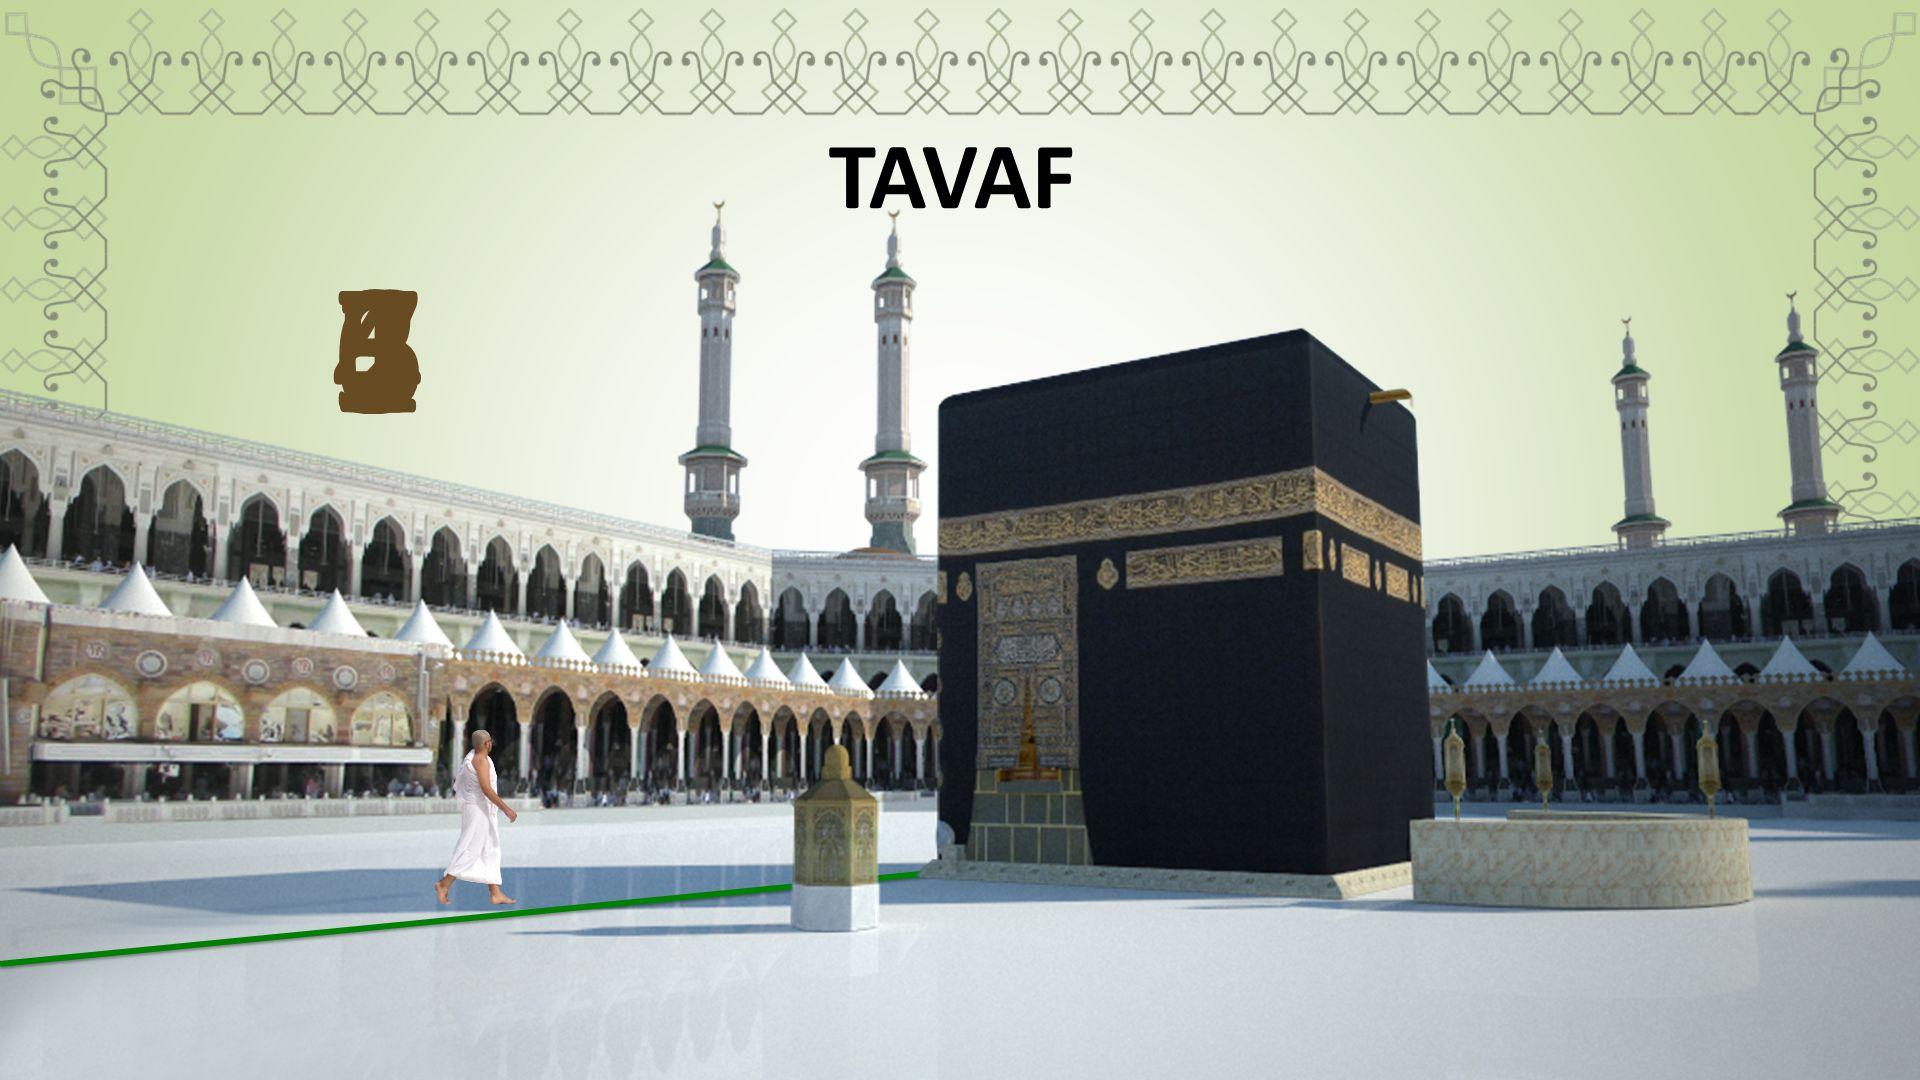 1234567 TAVAF